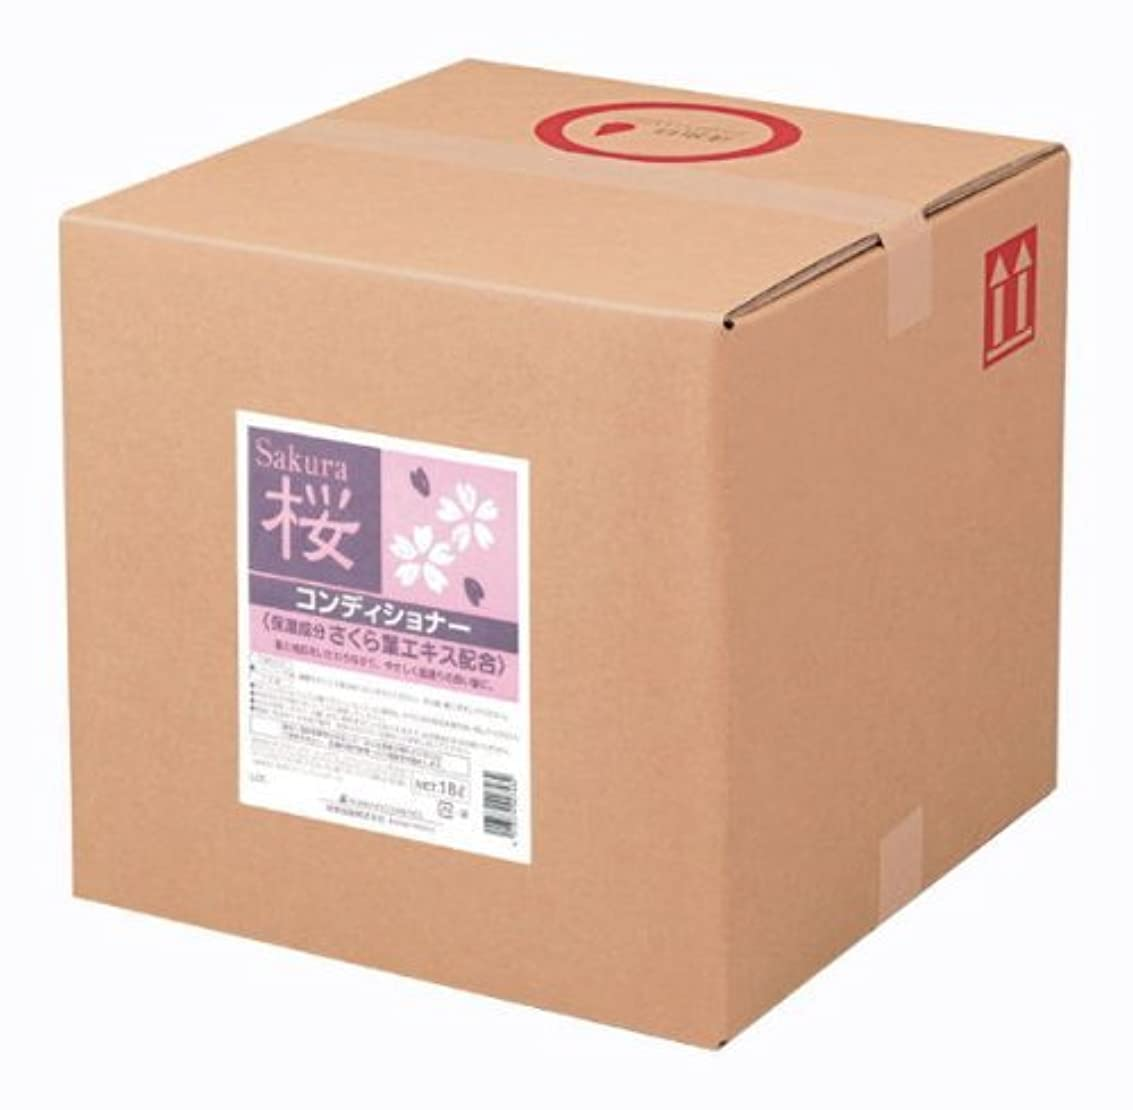 高架宿命道に迷いました熊野油脂 業務用 桜 コンディショナー 18L